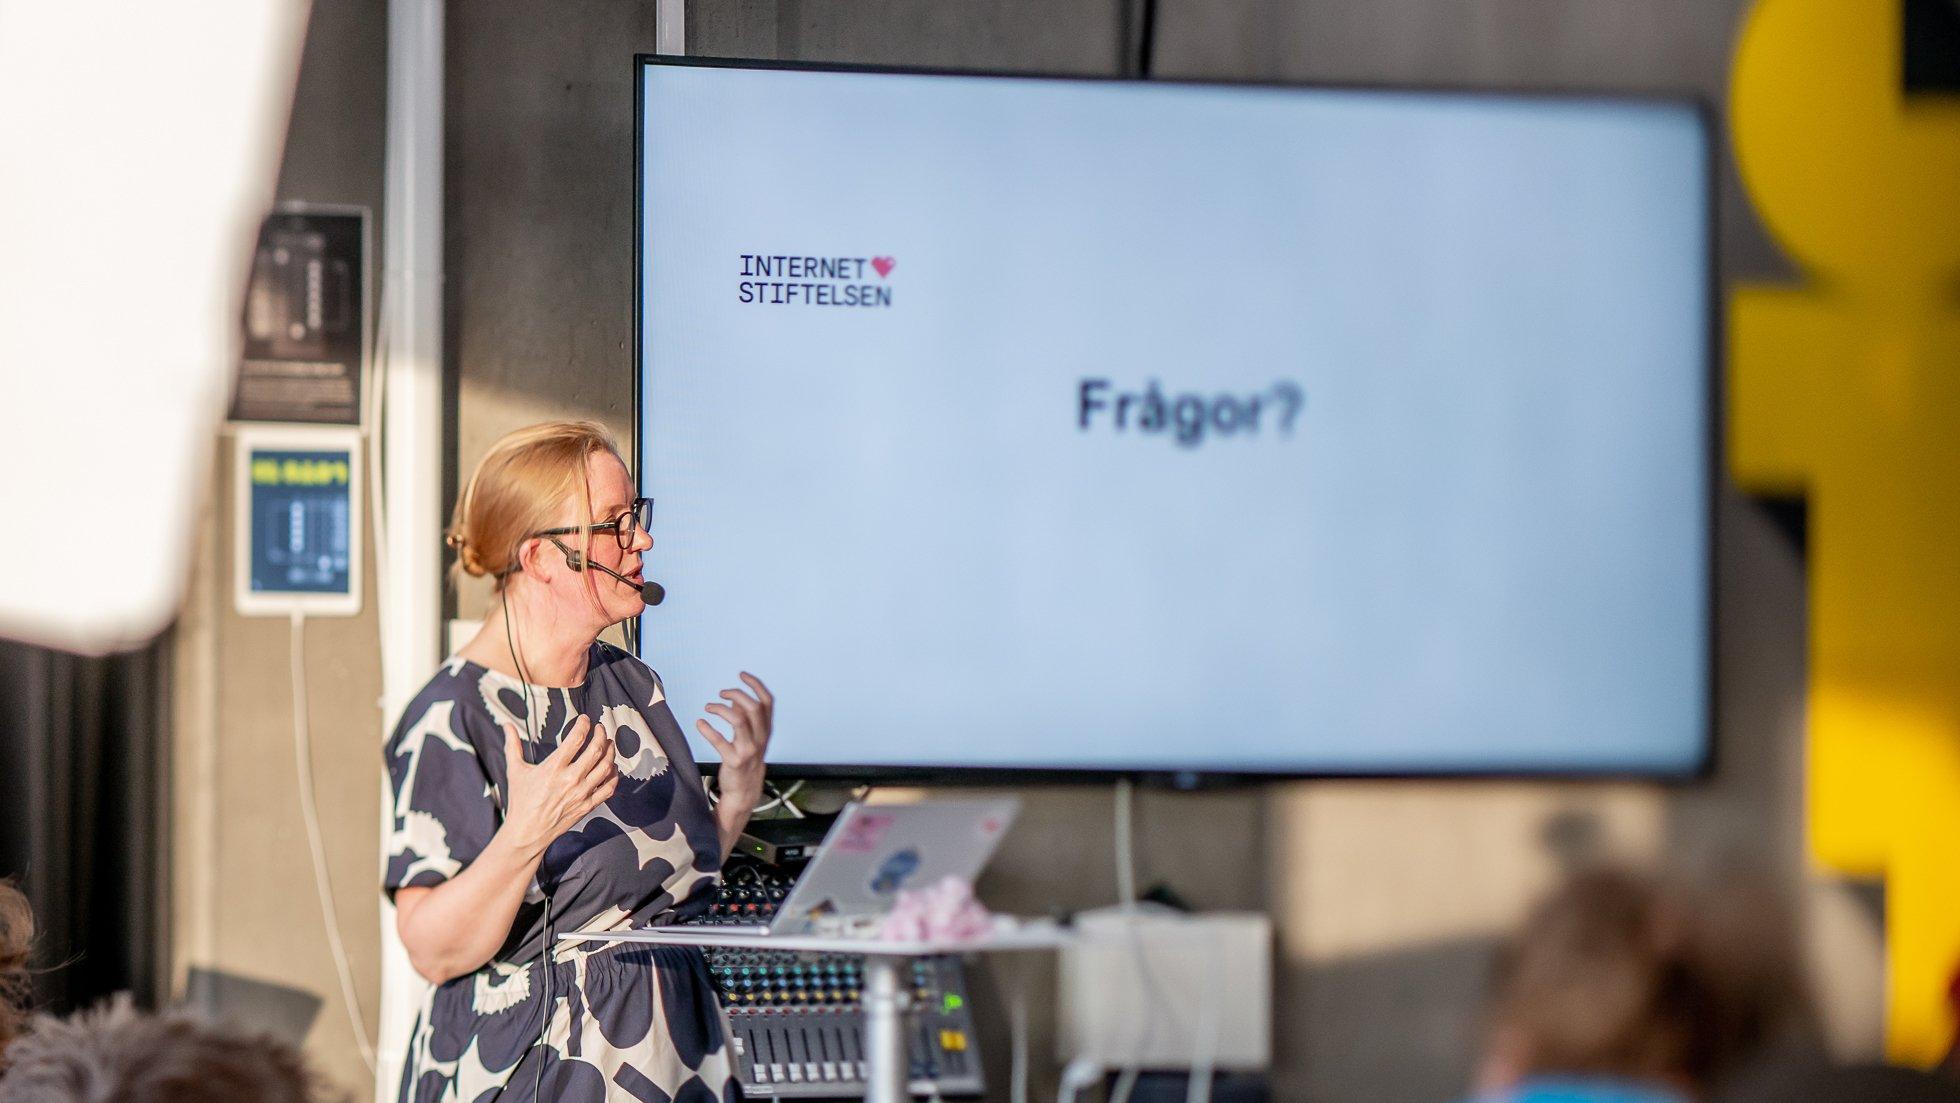 En föreläsare står vid ett ståbord med en presentationsskärm bakom sig på väggen med ordet Frågor